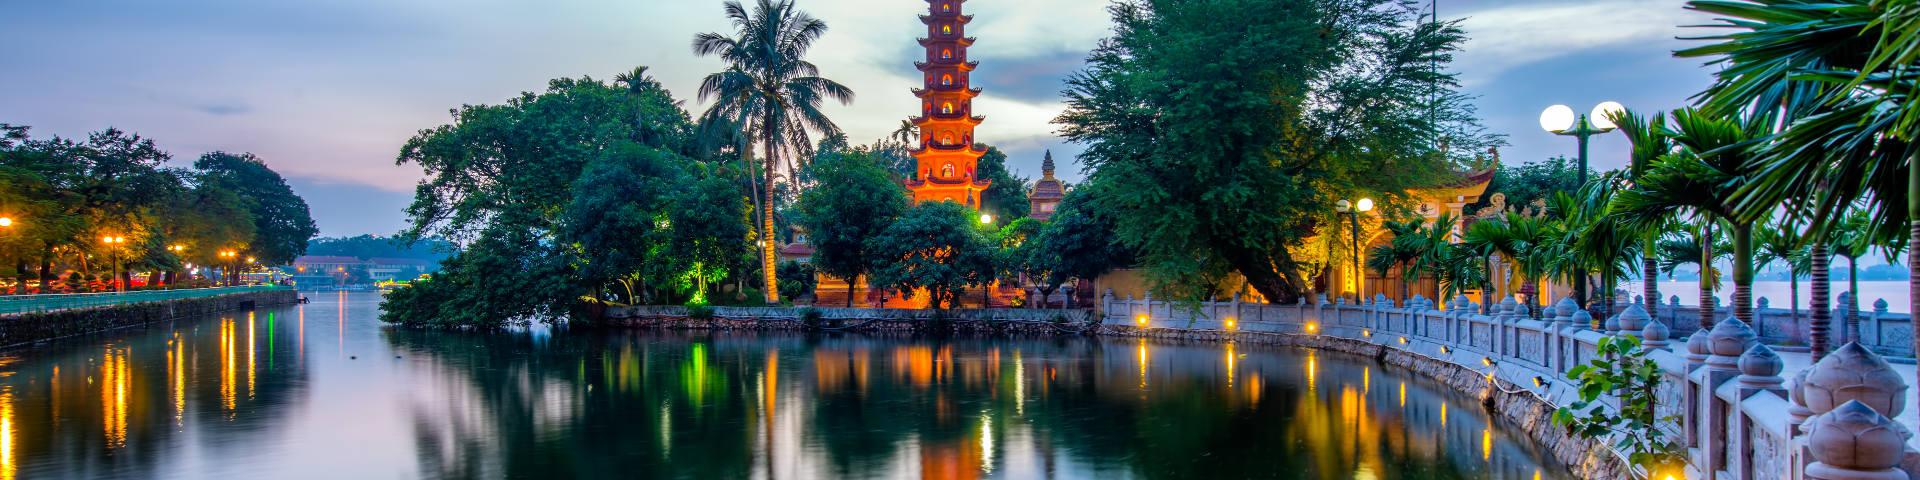 Hanoi hero banner